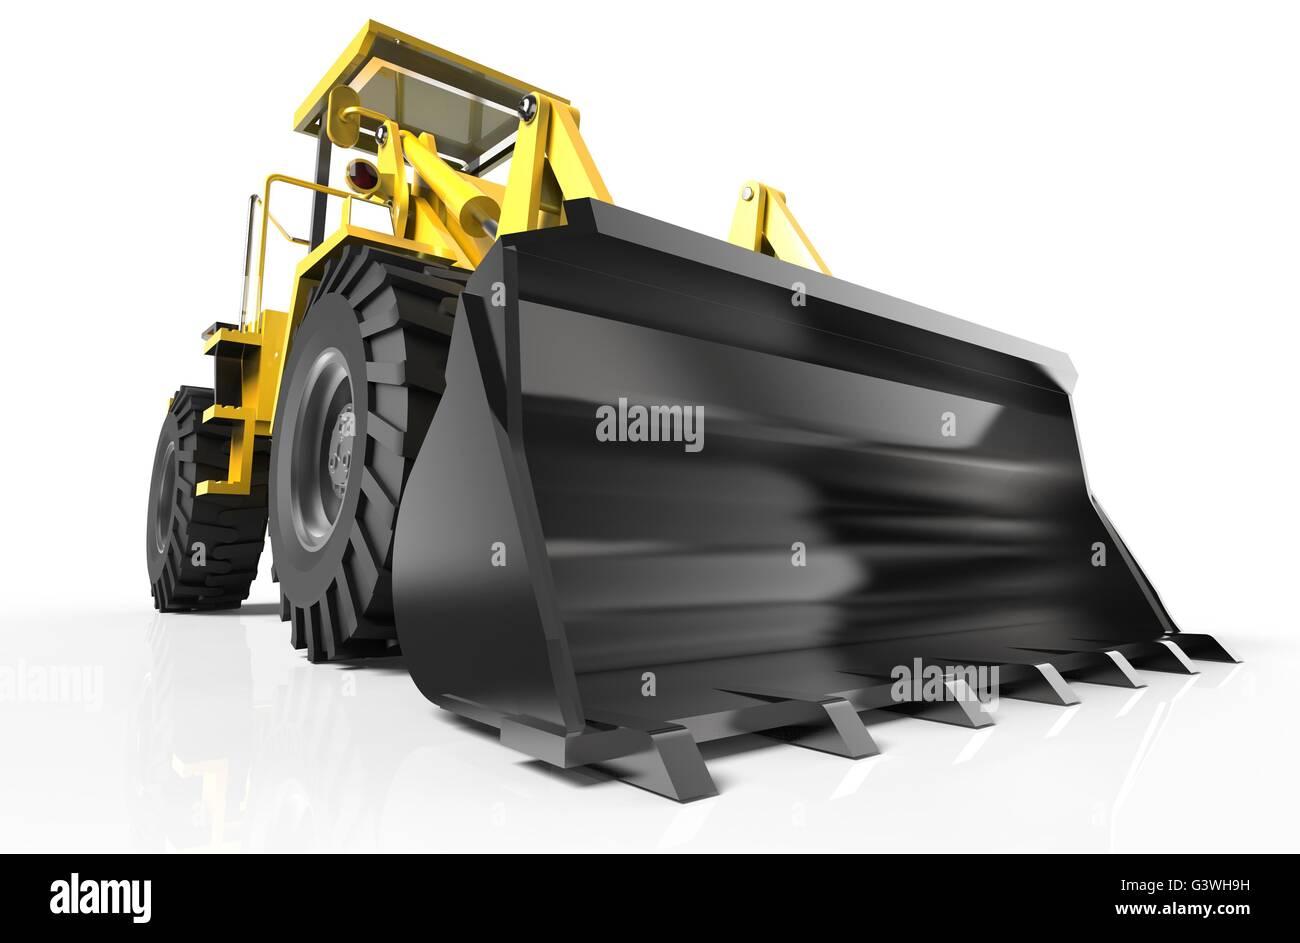 bulldozer isolated on white - Stock Image